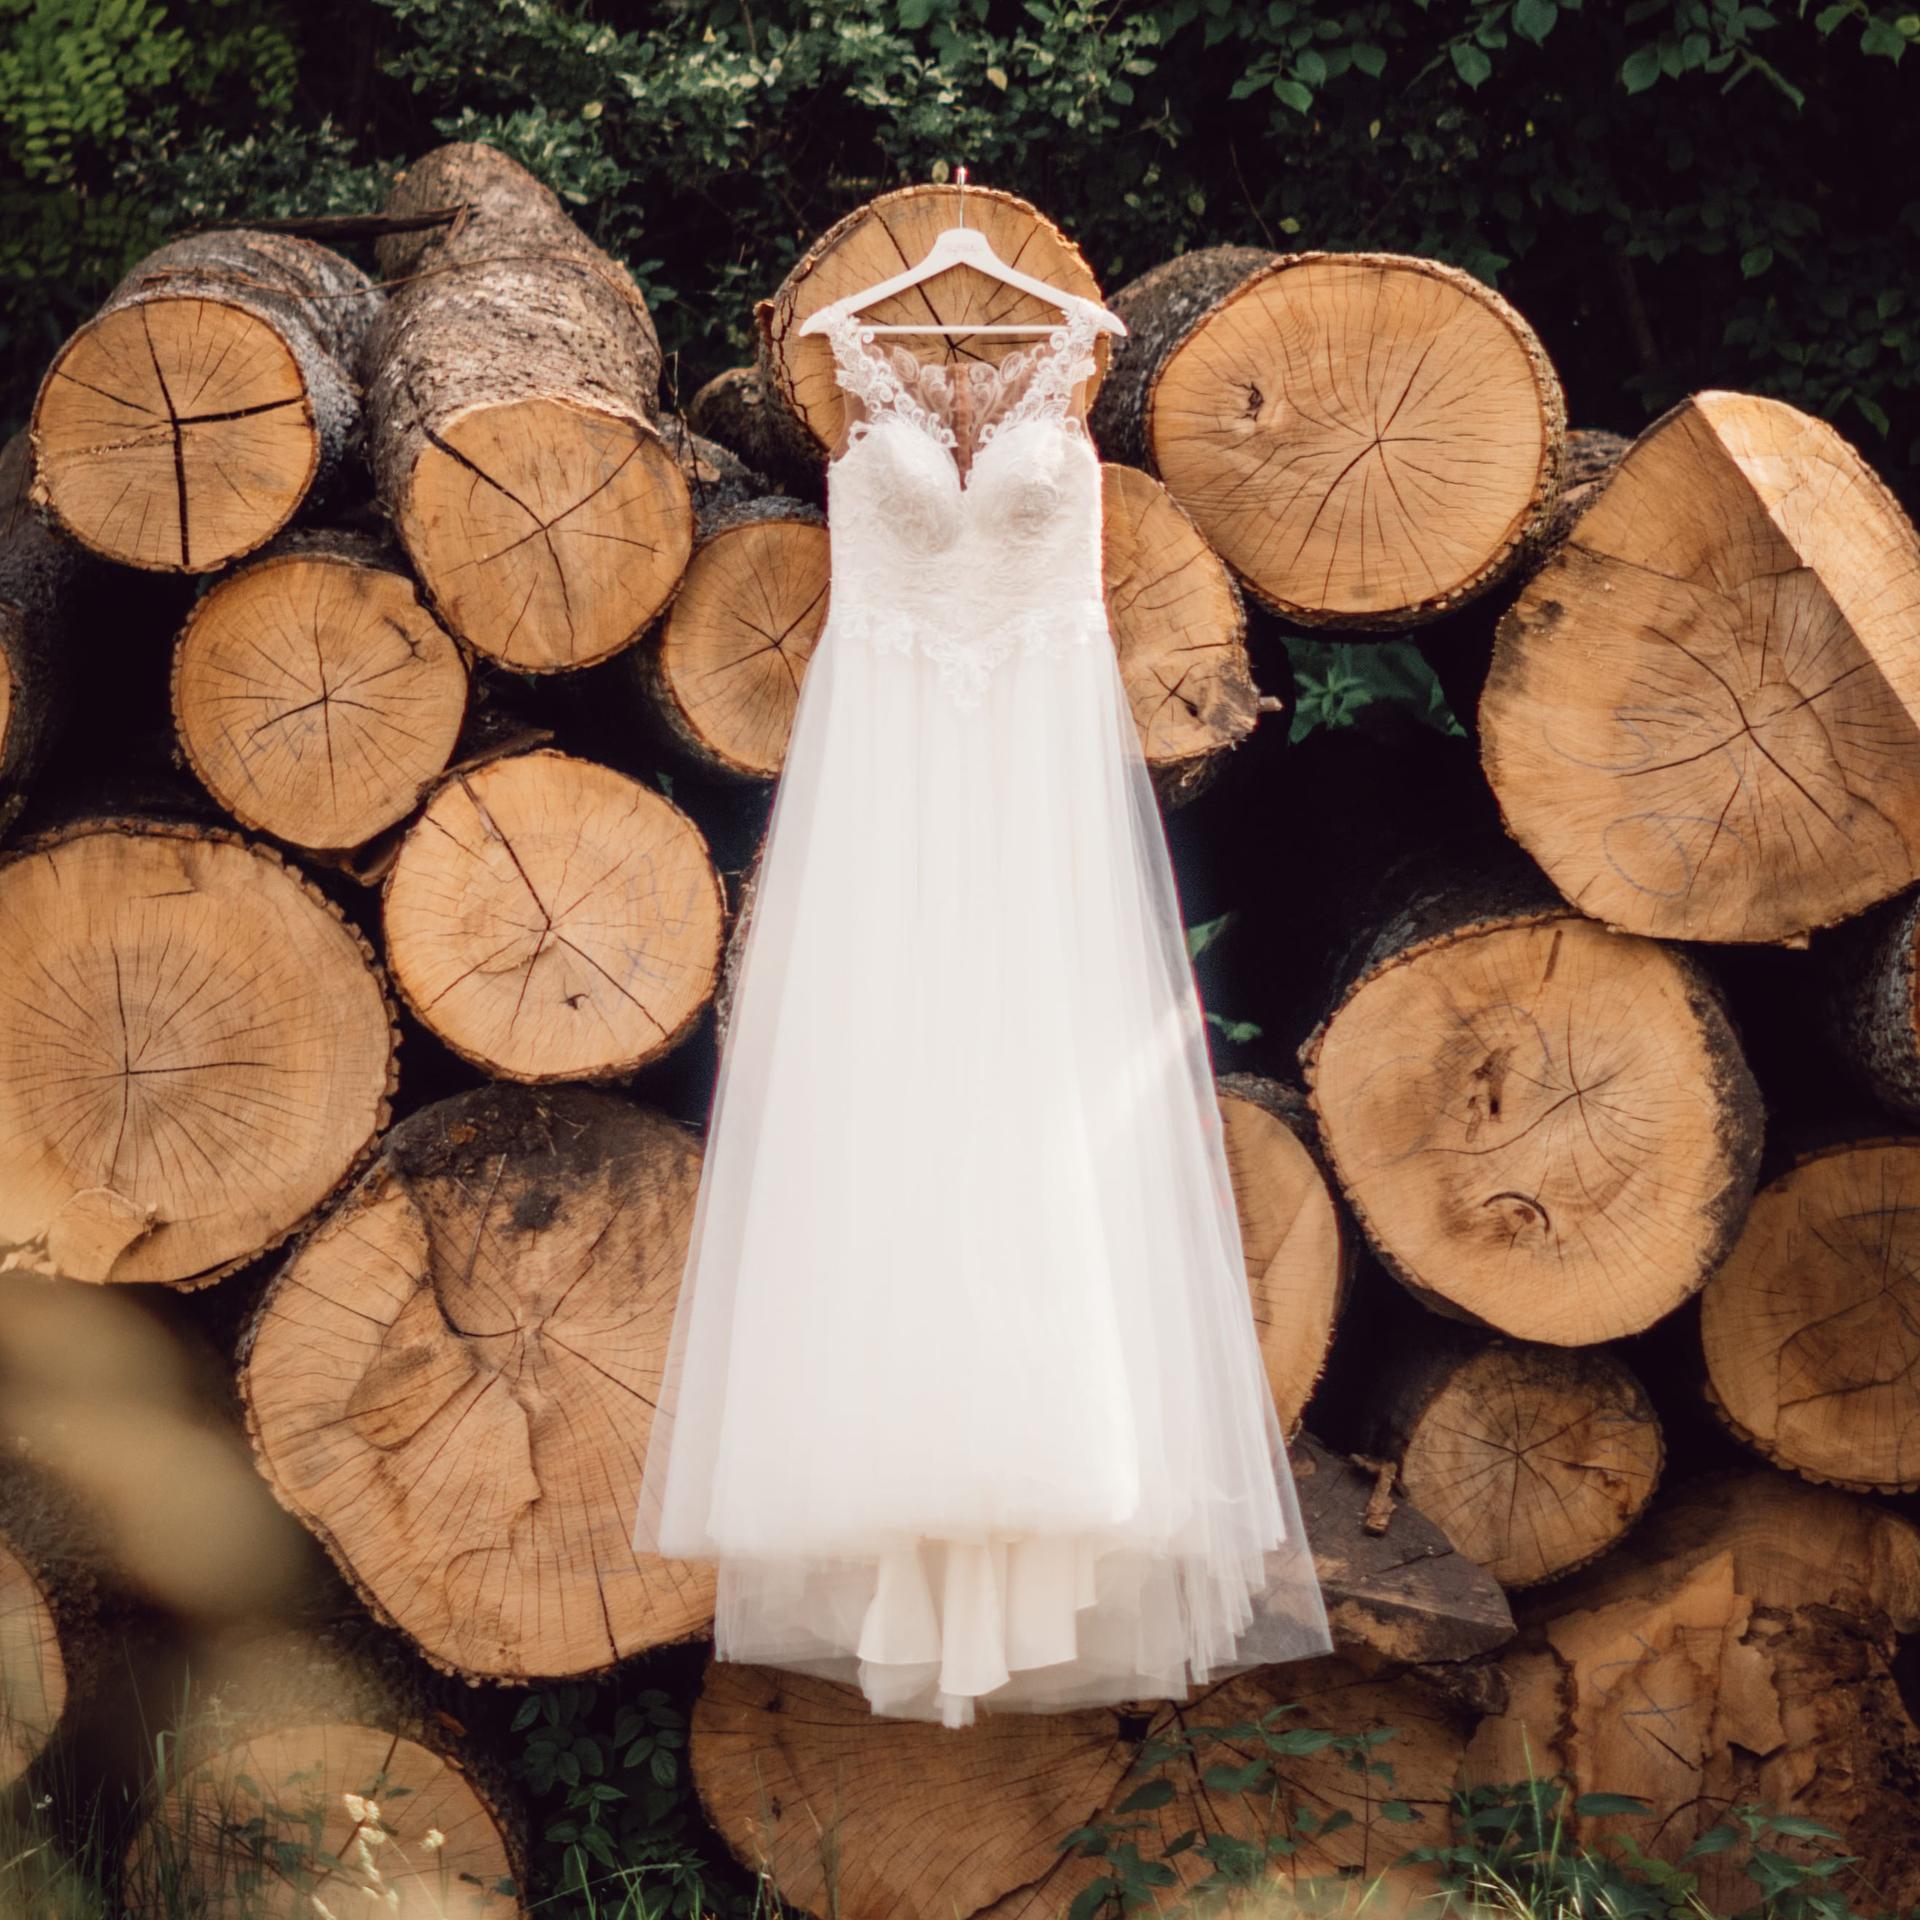 Túžite po svadbe v lese či na lúke? 🌲🌿 Takáto svadba má neobyčajnú atmosféru. 🥰❤ - Obrázok č. 2